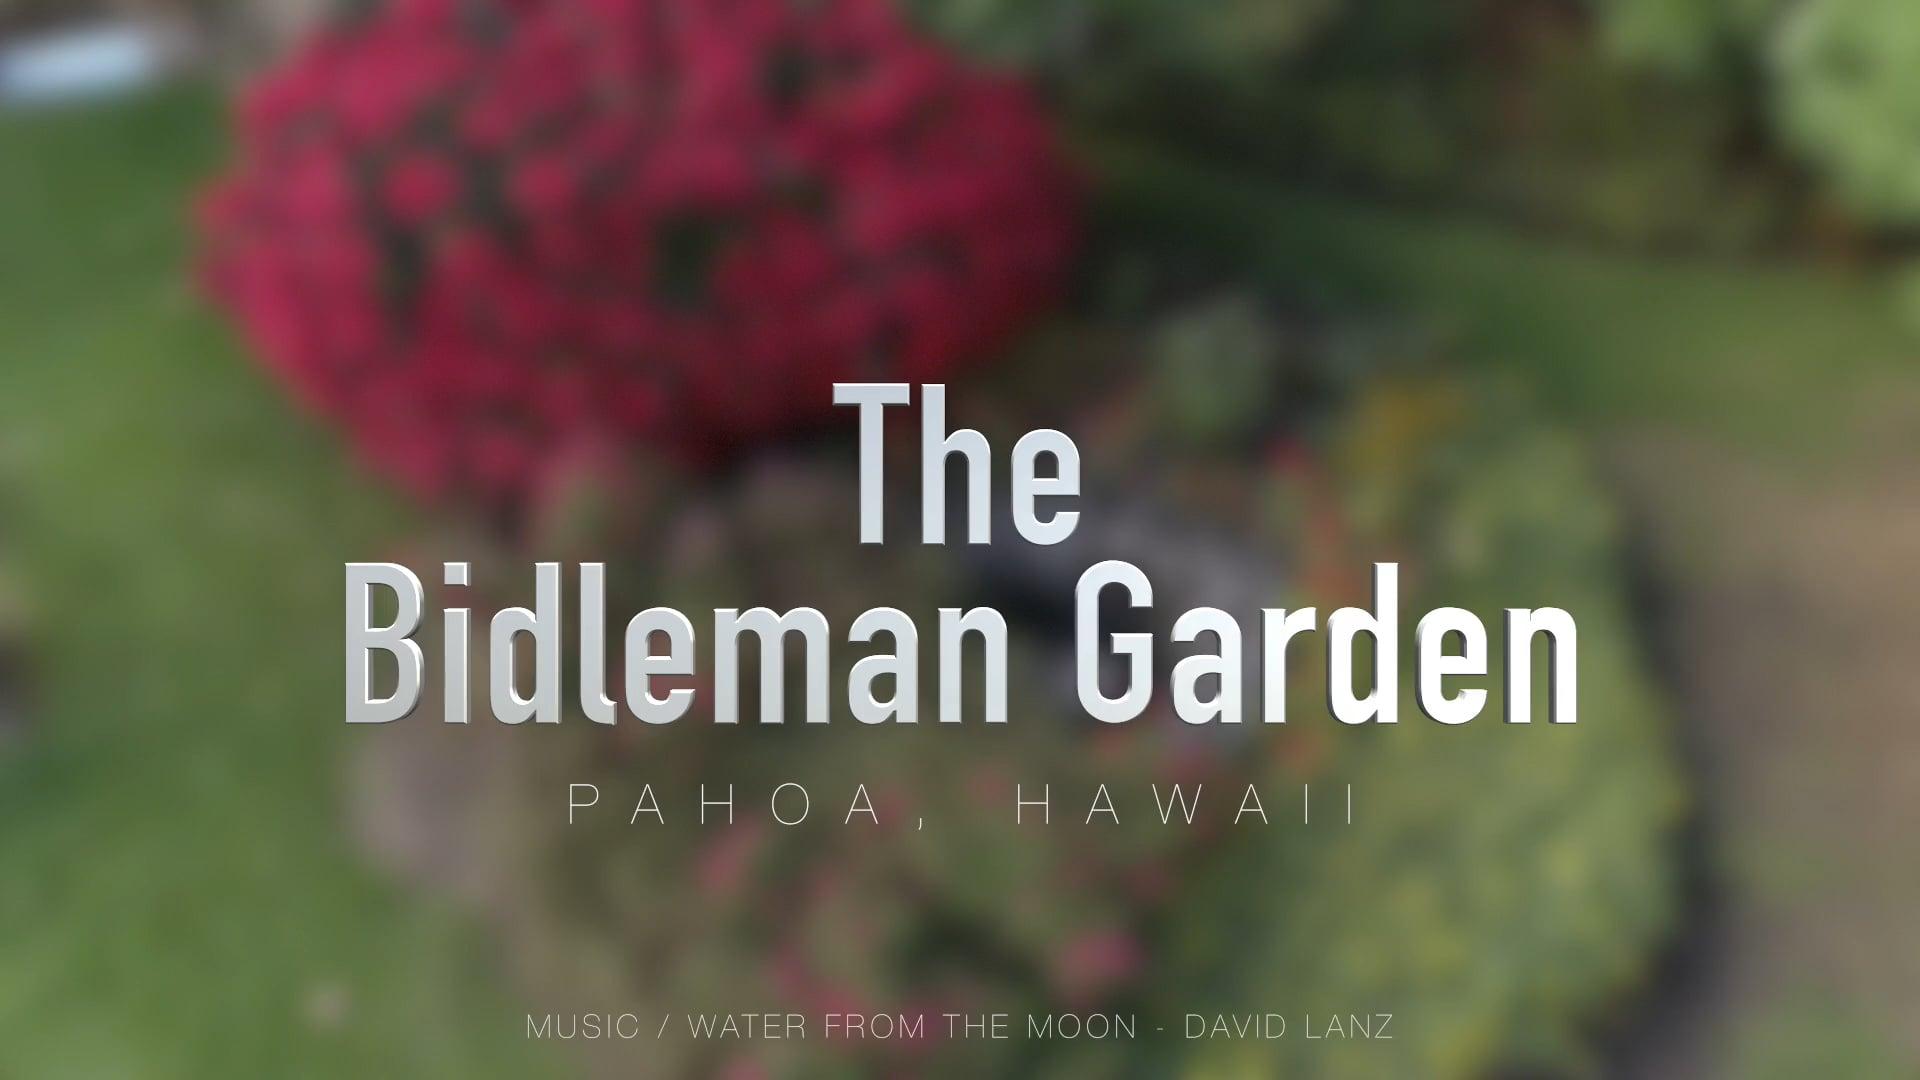 The Bidleman Garden